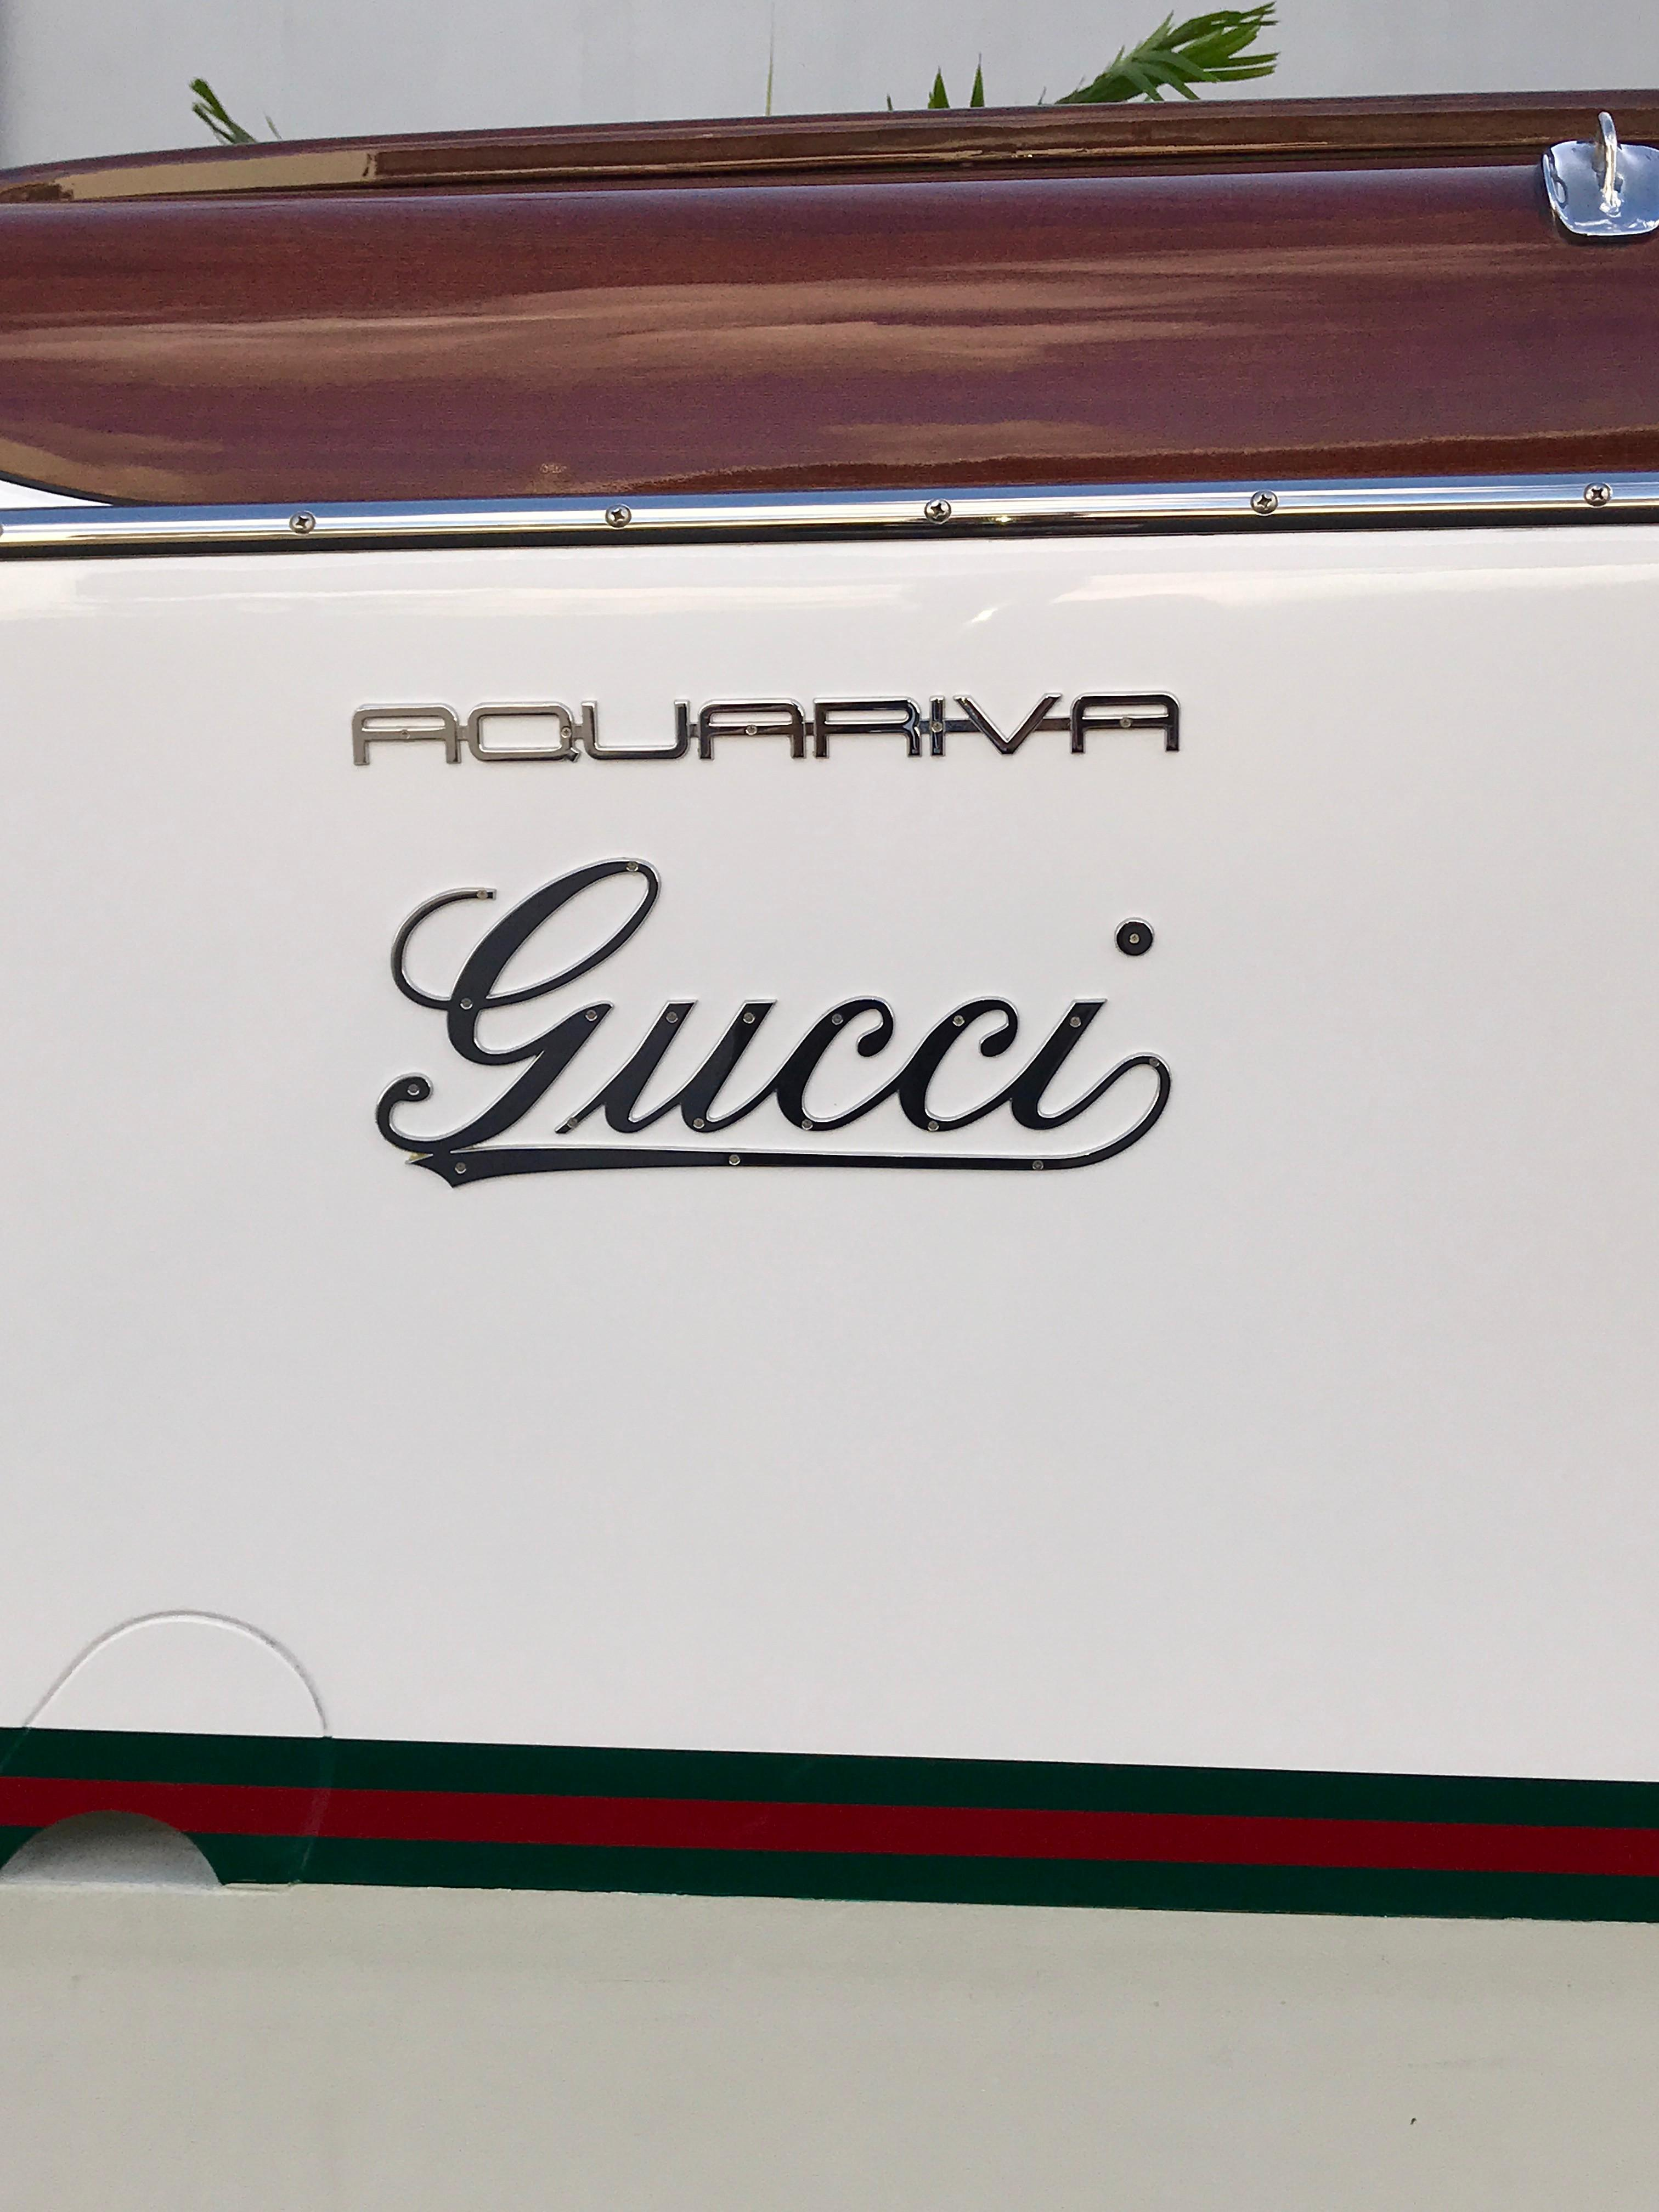 2012 Riva 33 Aquariva Gucci -